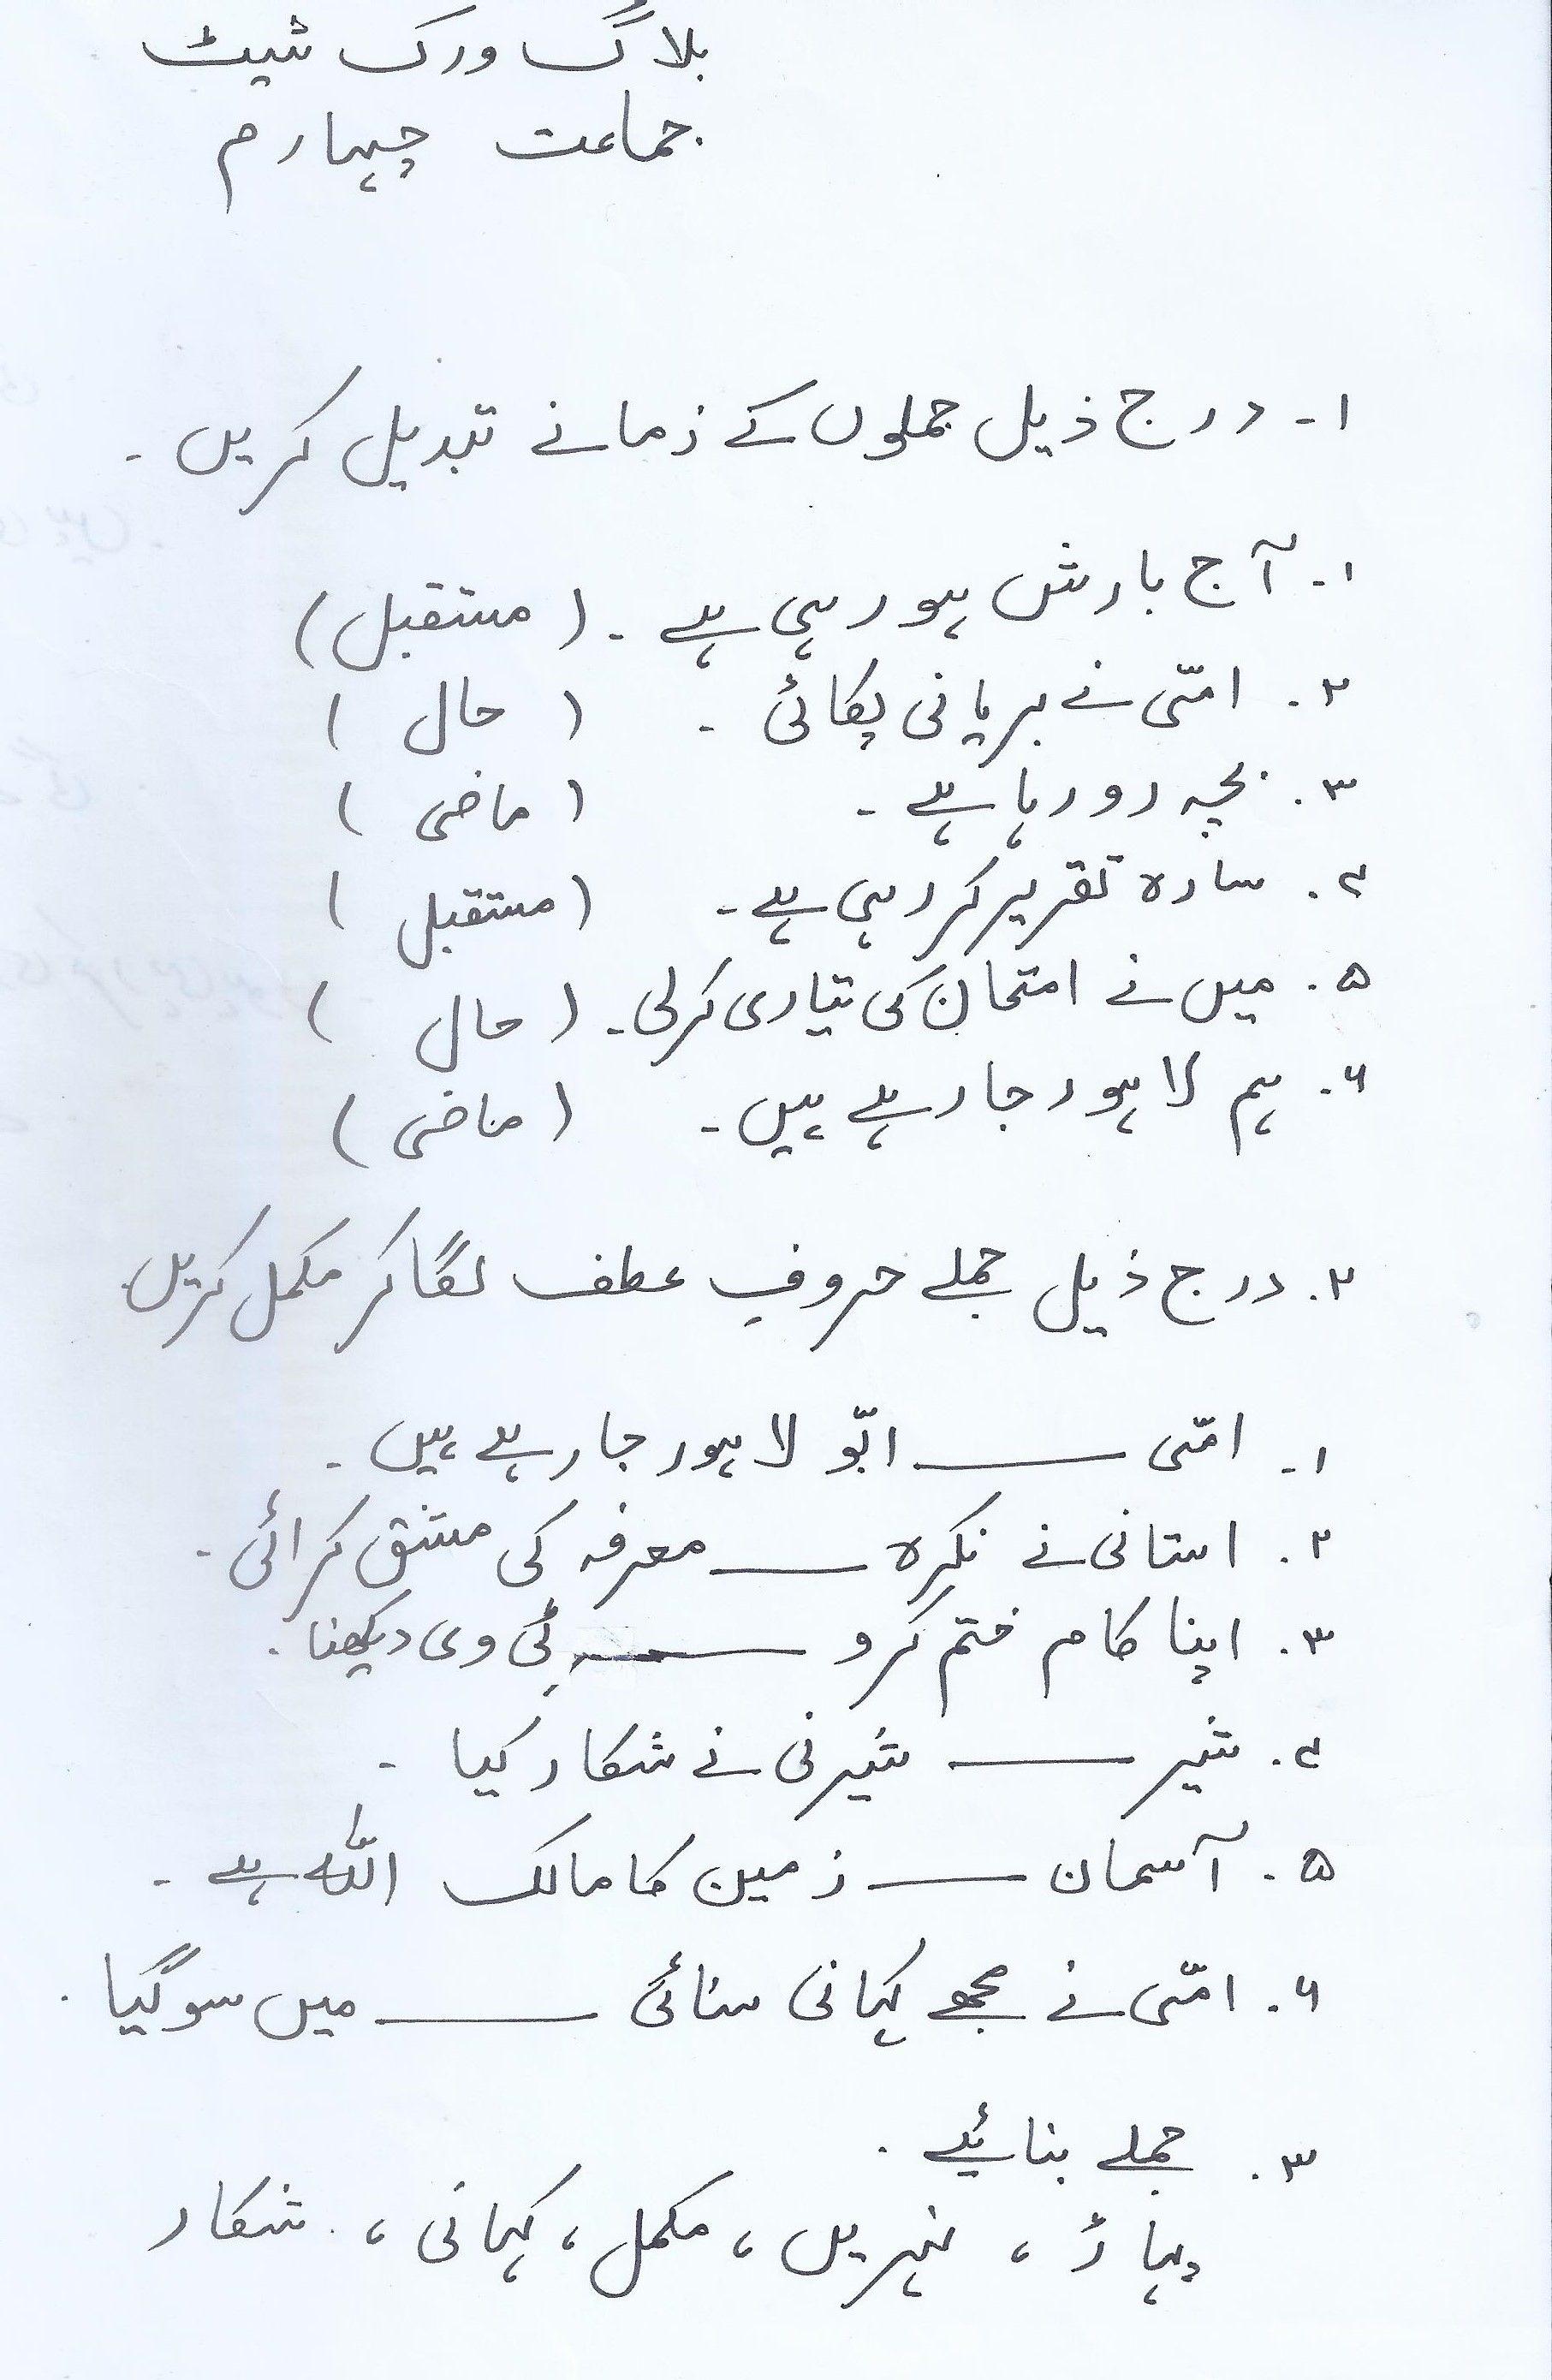 urdu-bw-year-4-1-of-2.jpg (1813×2780)   Language urdu [ 2780 x 1813 Pixel ]